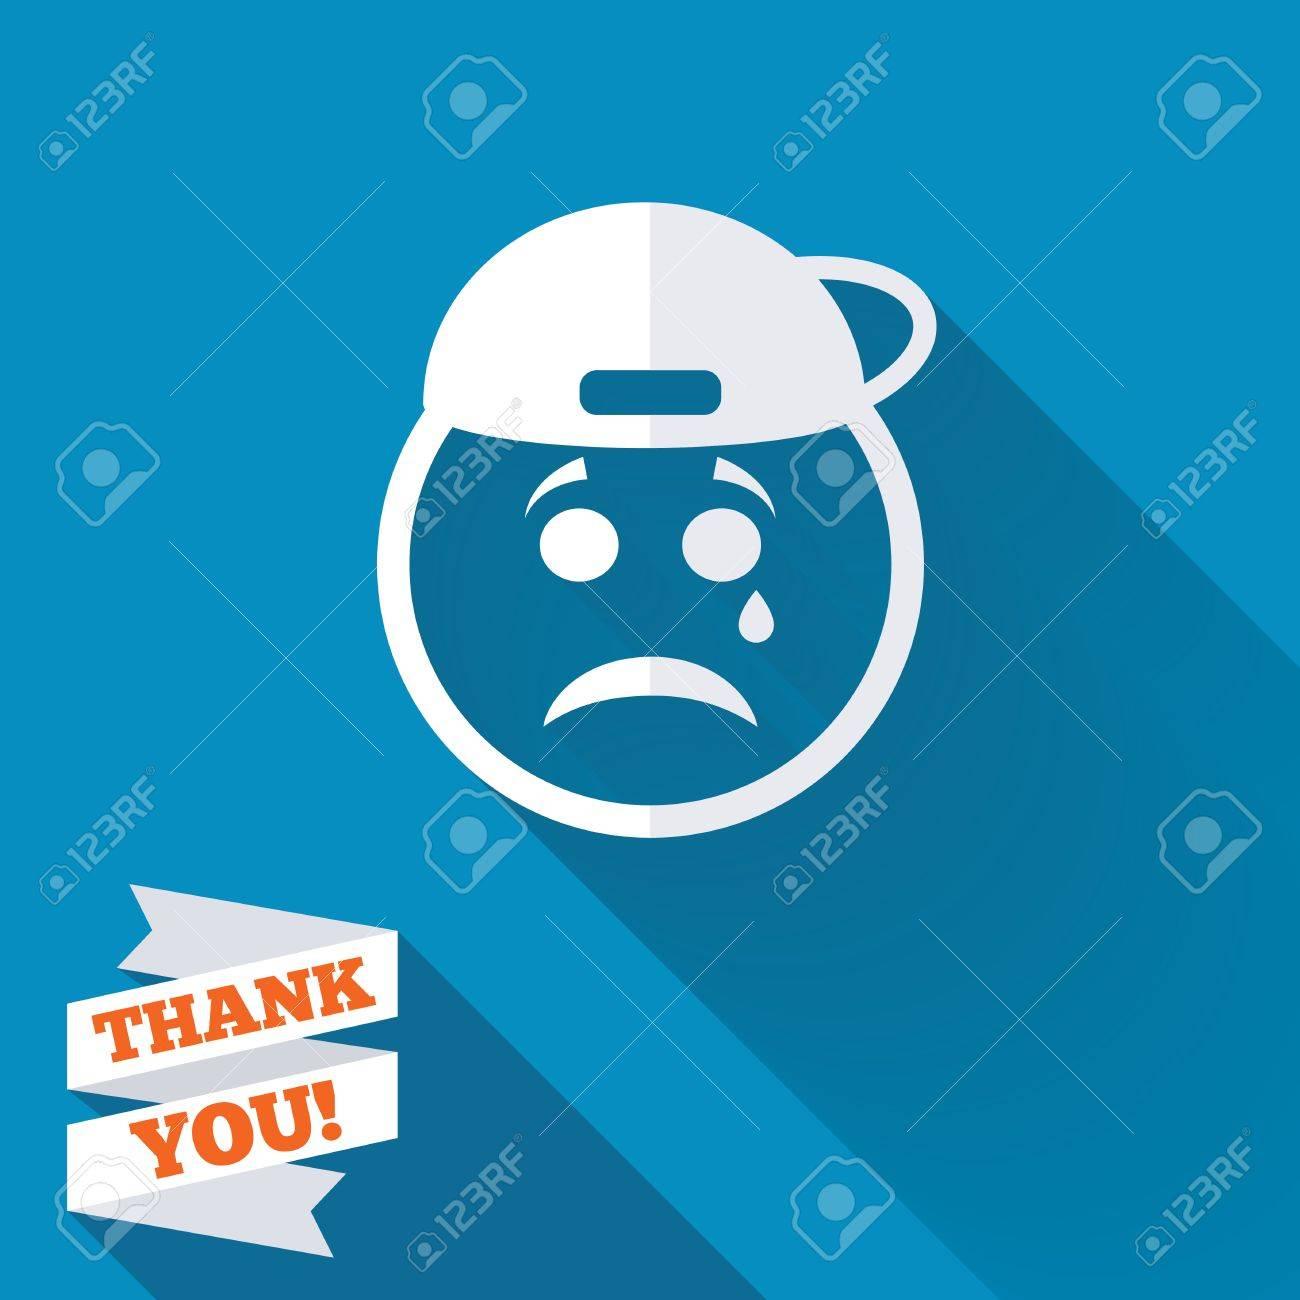 Cara rapero triste con signo icono desgarro. Llorando símbolo de chat.  Icono blanco plana